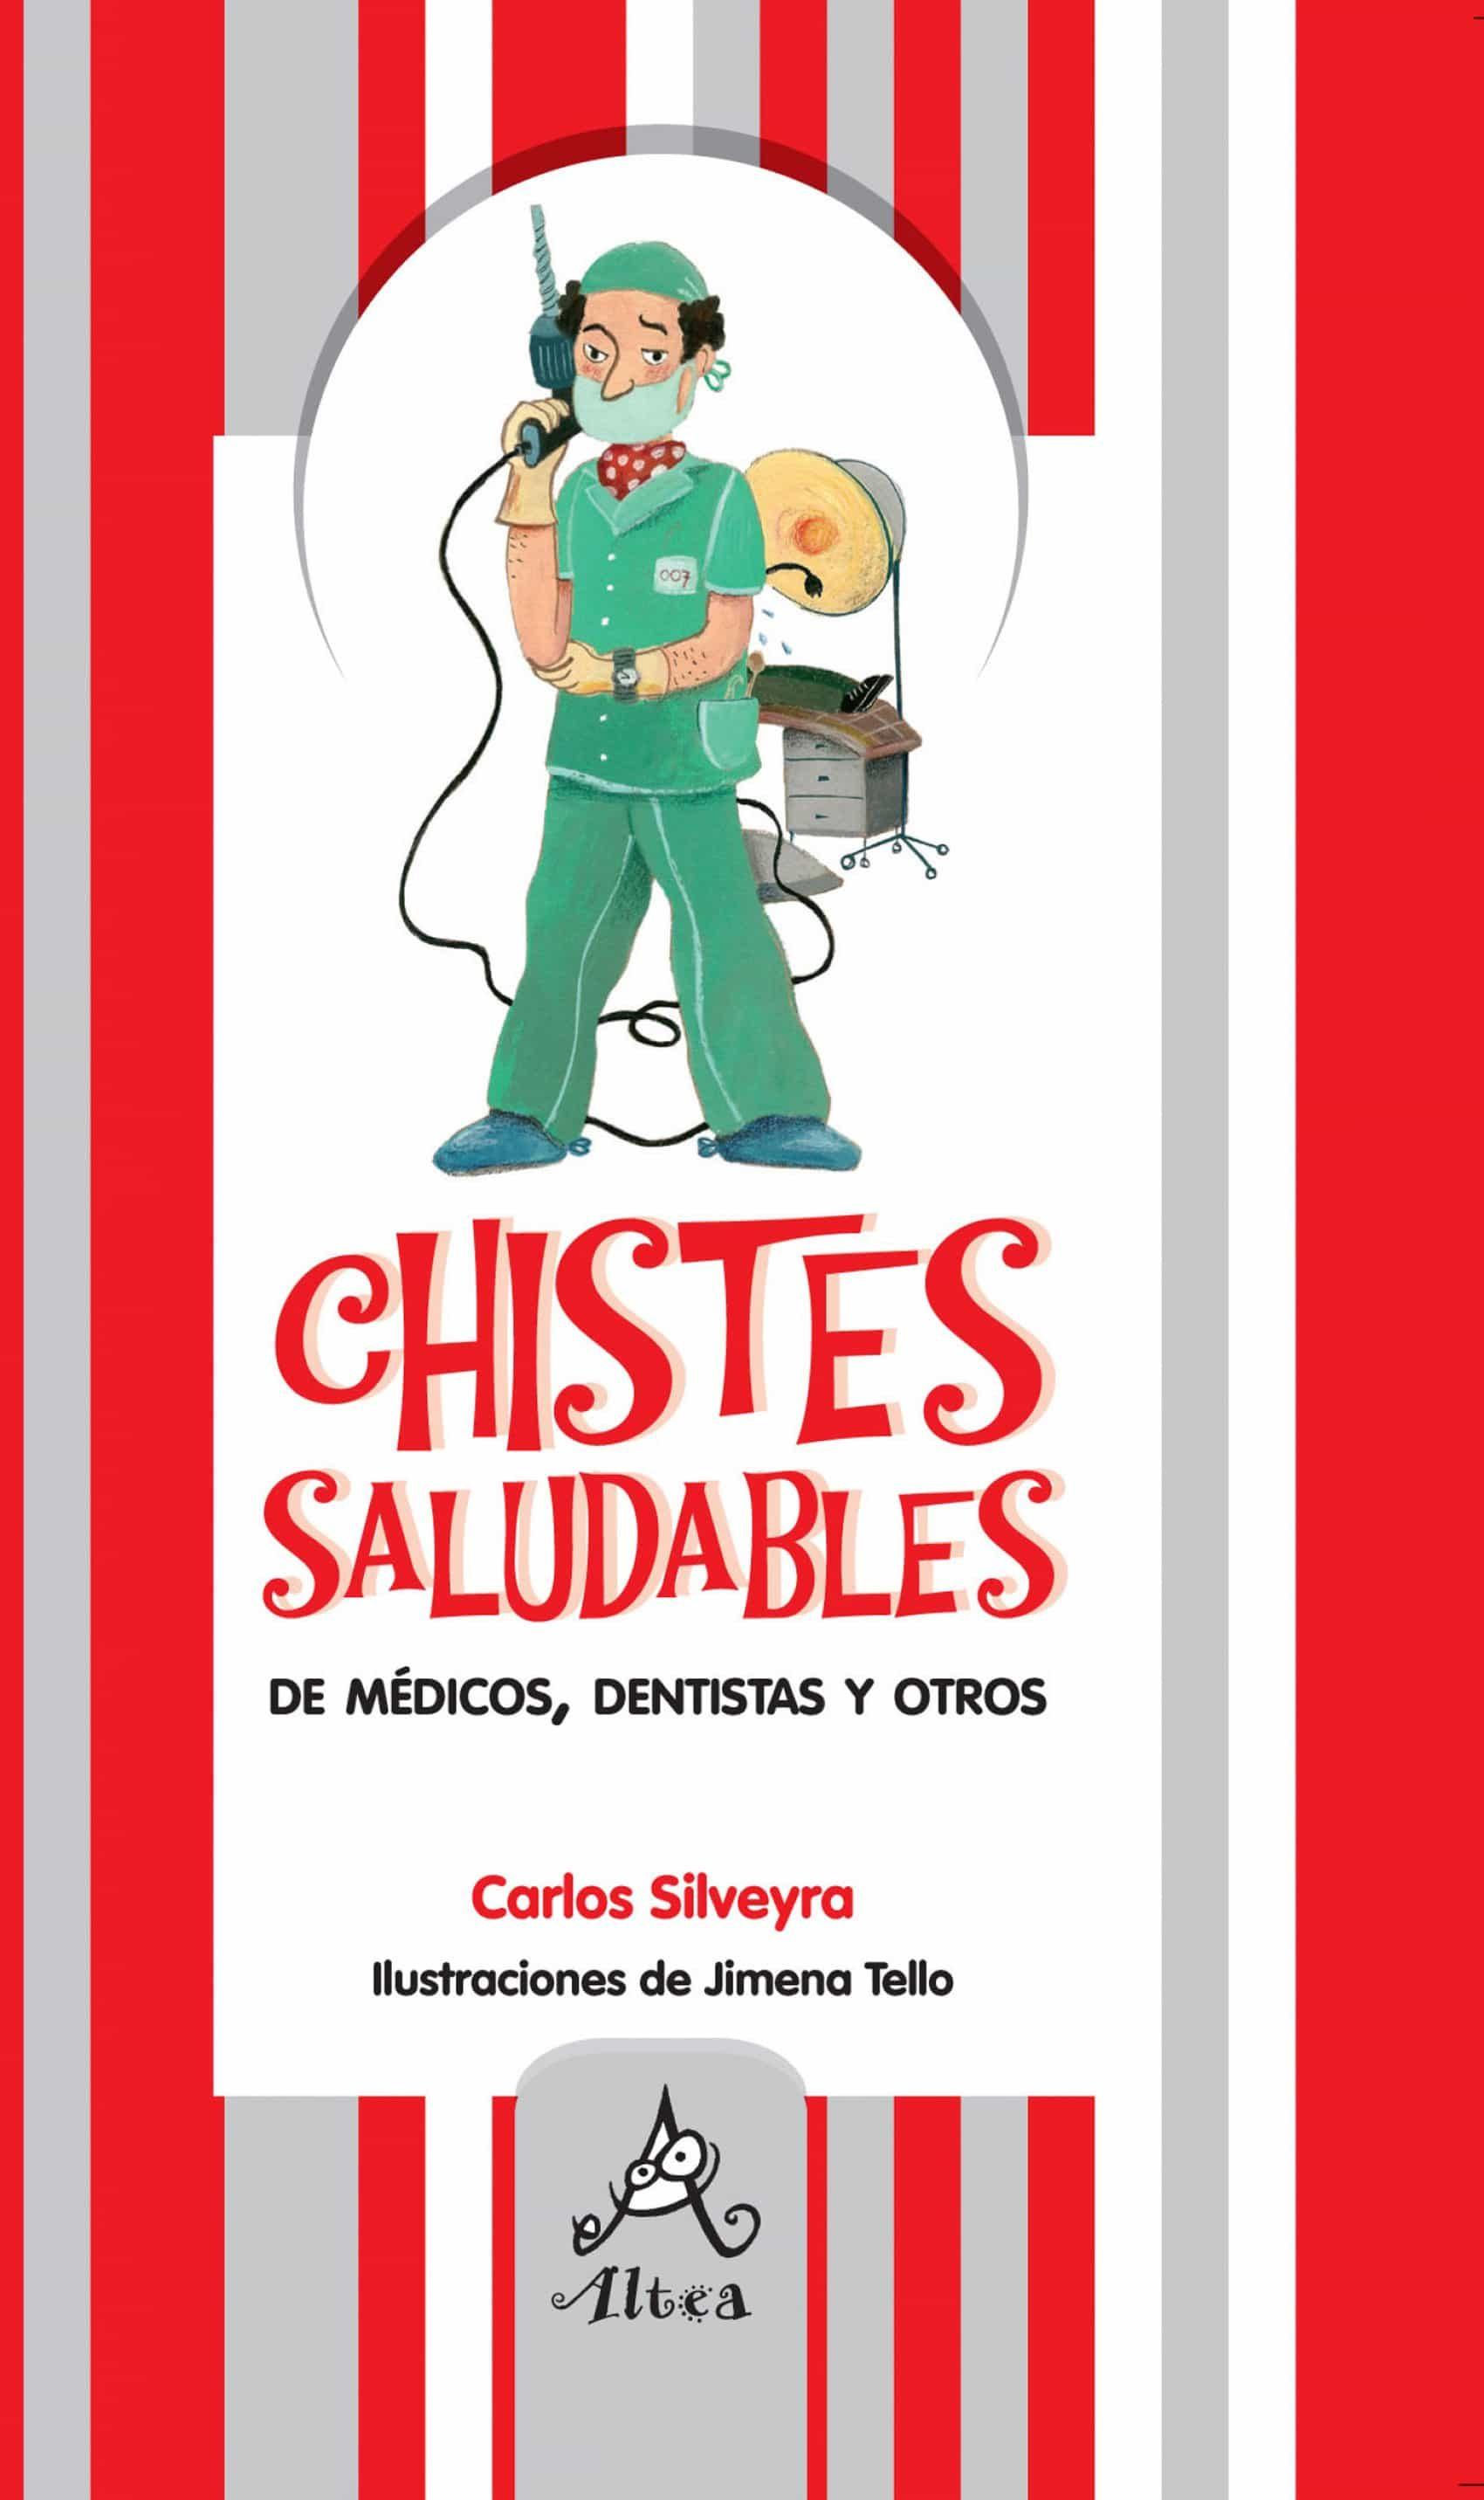 Chistes Saludables Ebook Carlos Silveyra Descargar Libro Pdf O